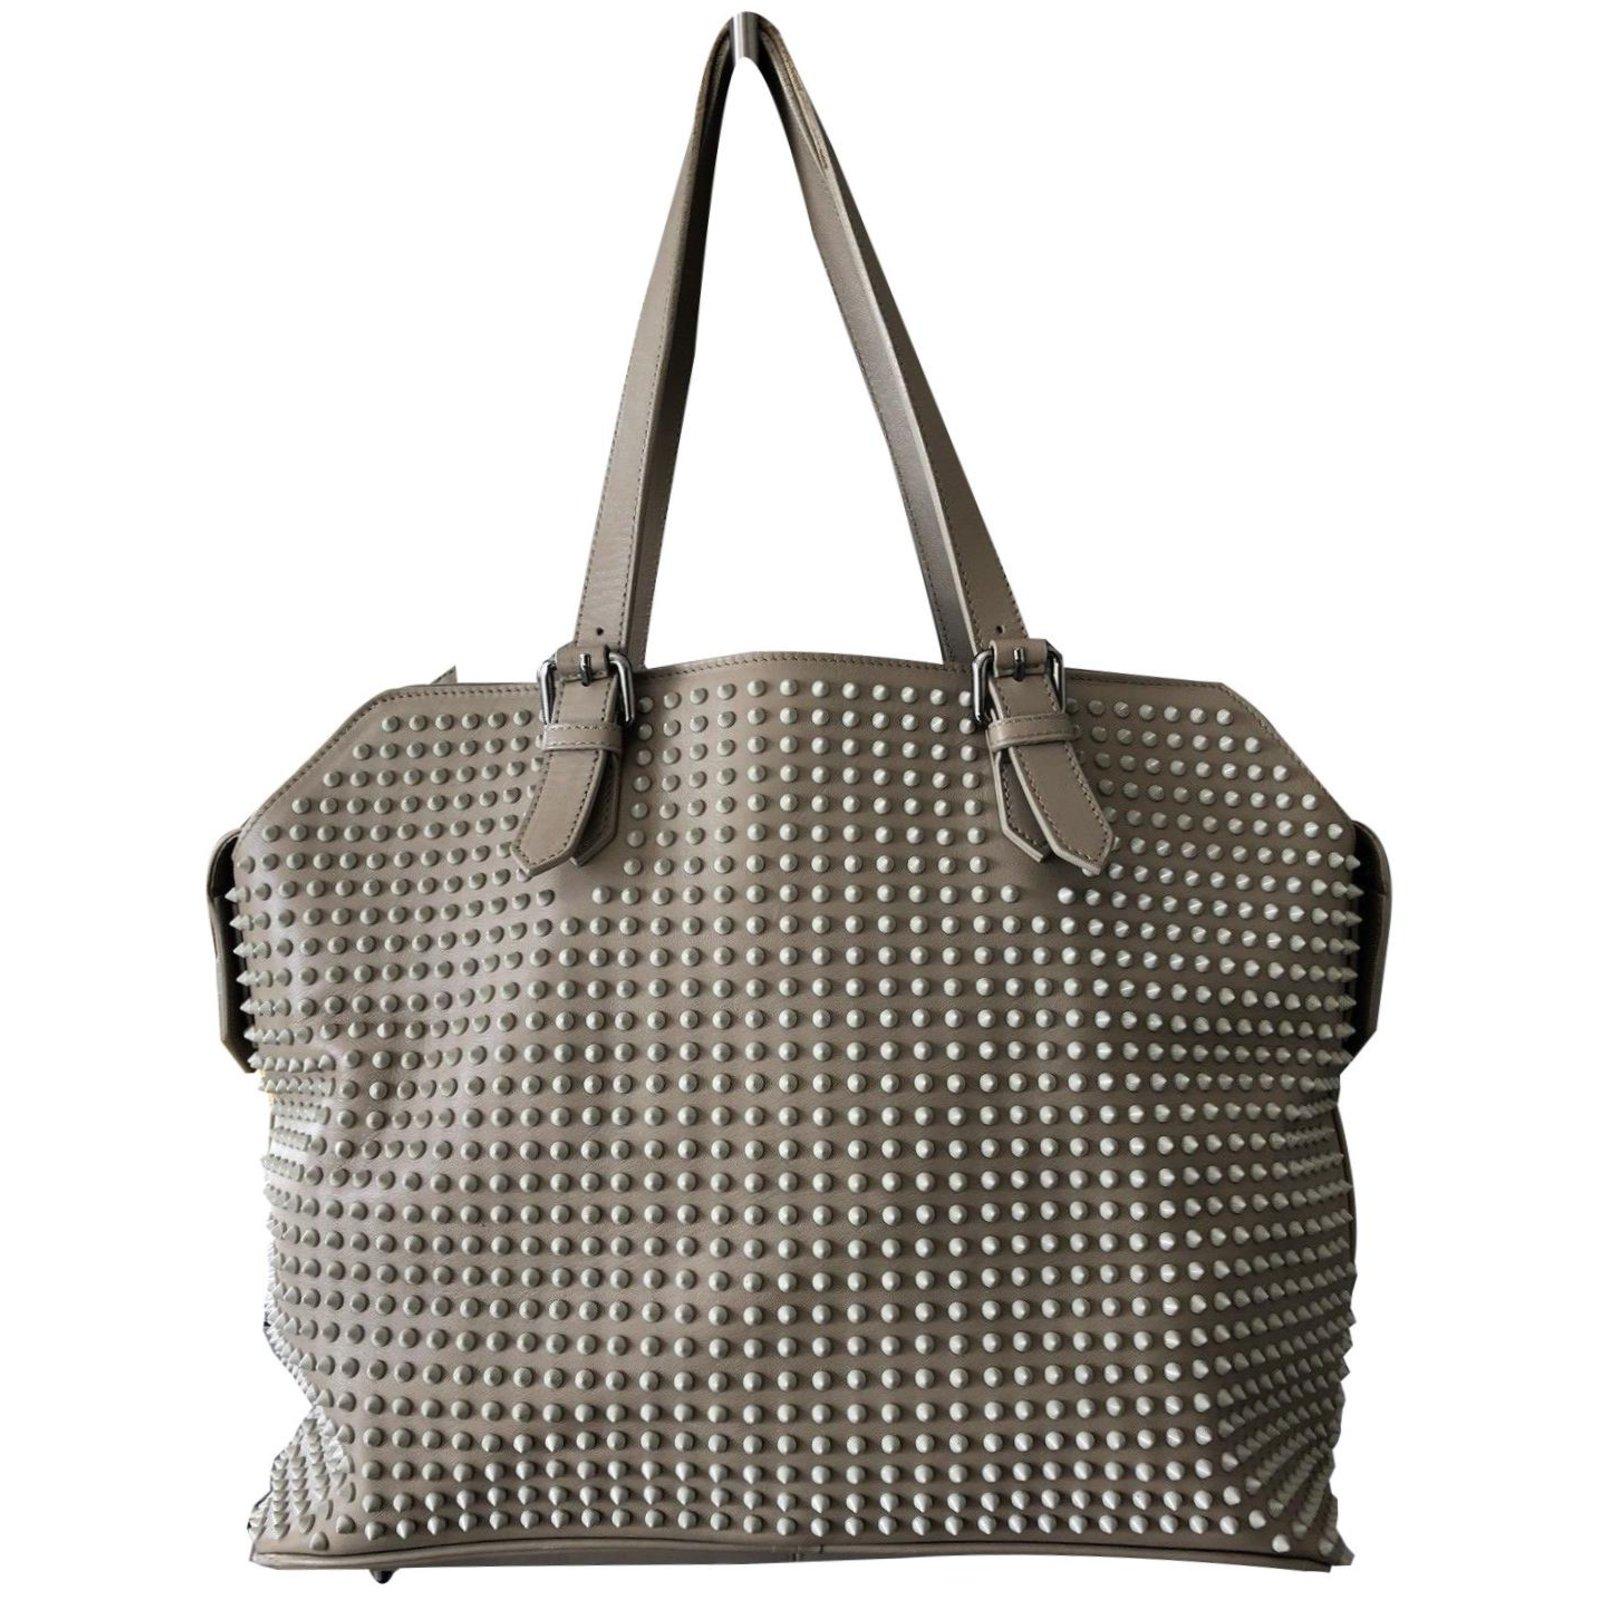 87469dd5d28 Handbags